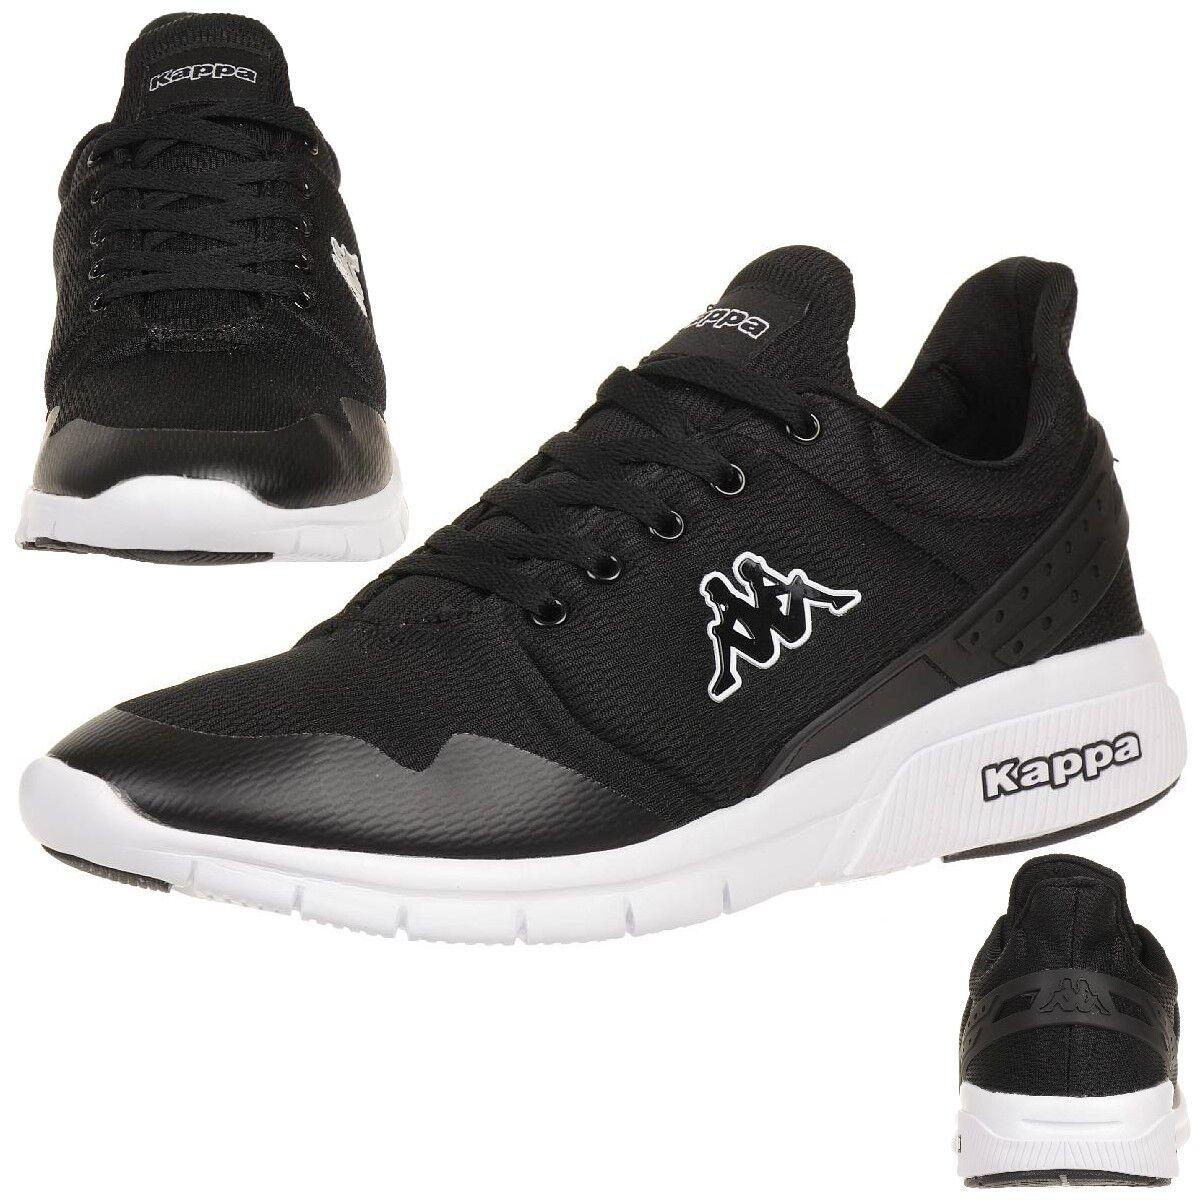 Kappa New Noir York Sneaker Unisexe Baskets Chaussures Noir New 91b3f6